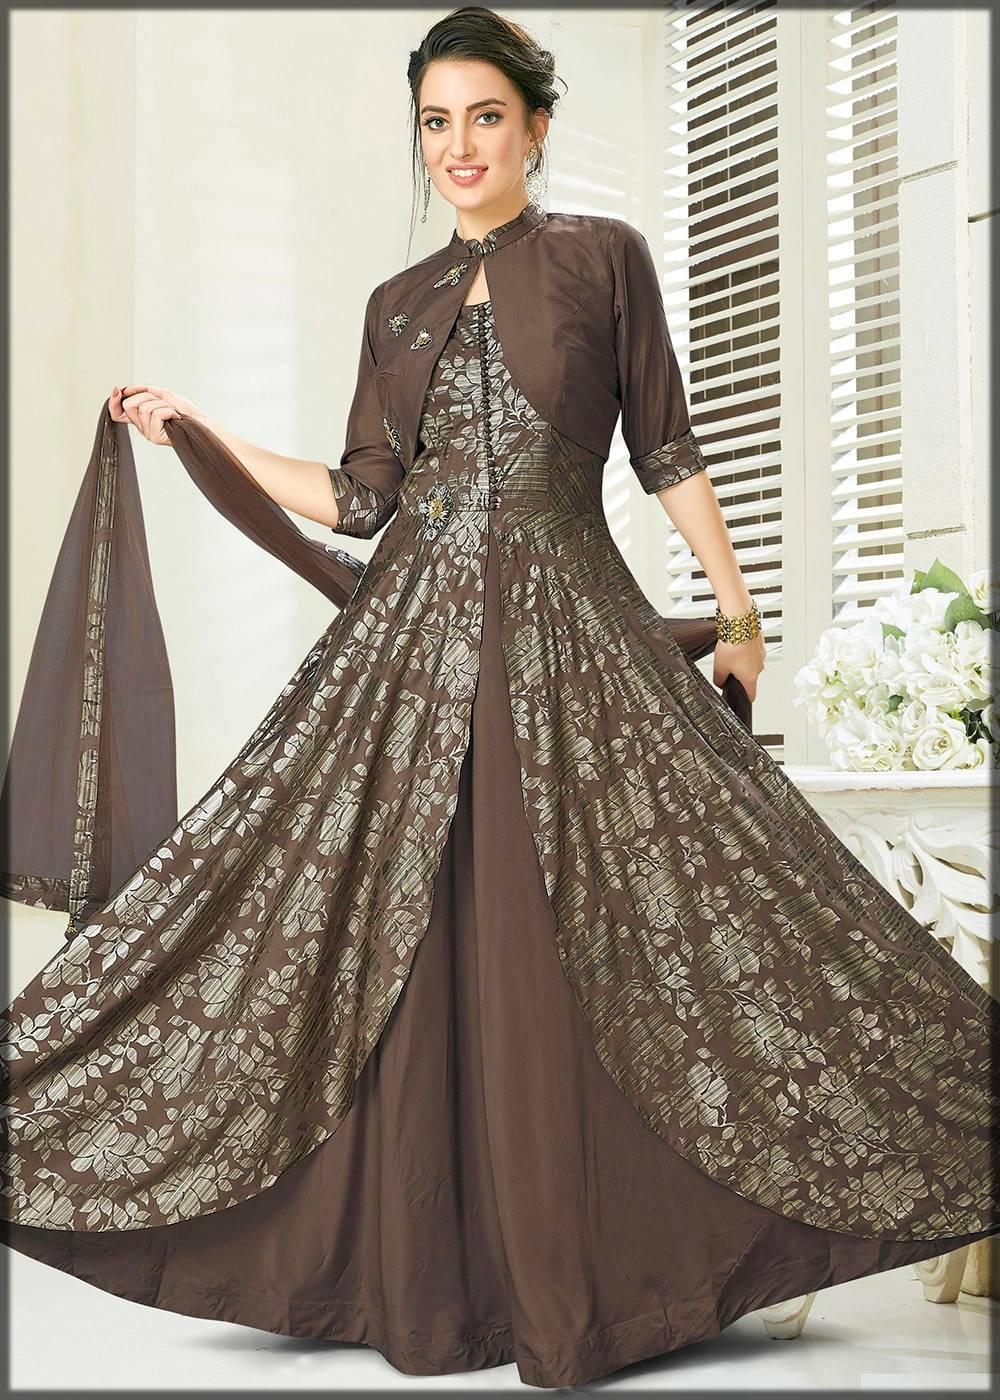 Gown Unique Design For Women